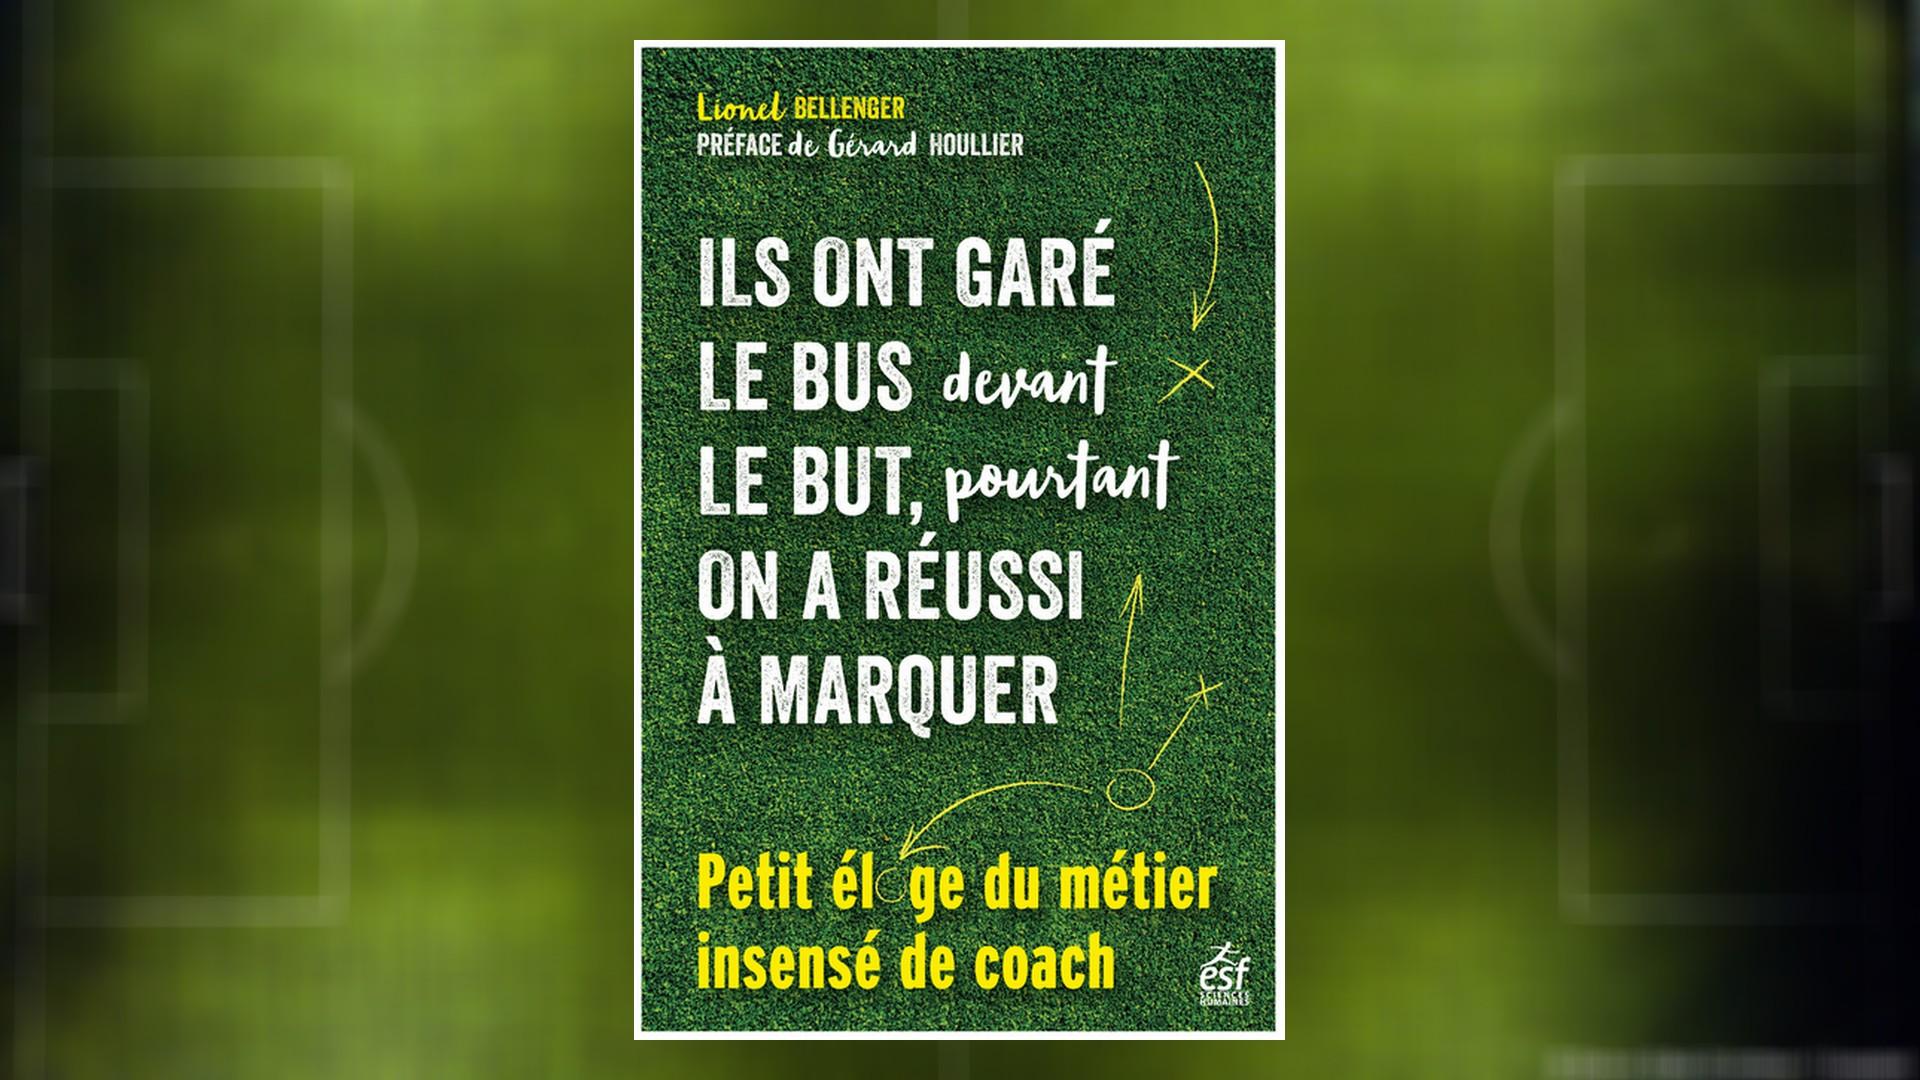 Livres – Ils ont placé le bus – Lionel Bellenger (2020)